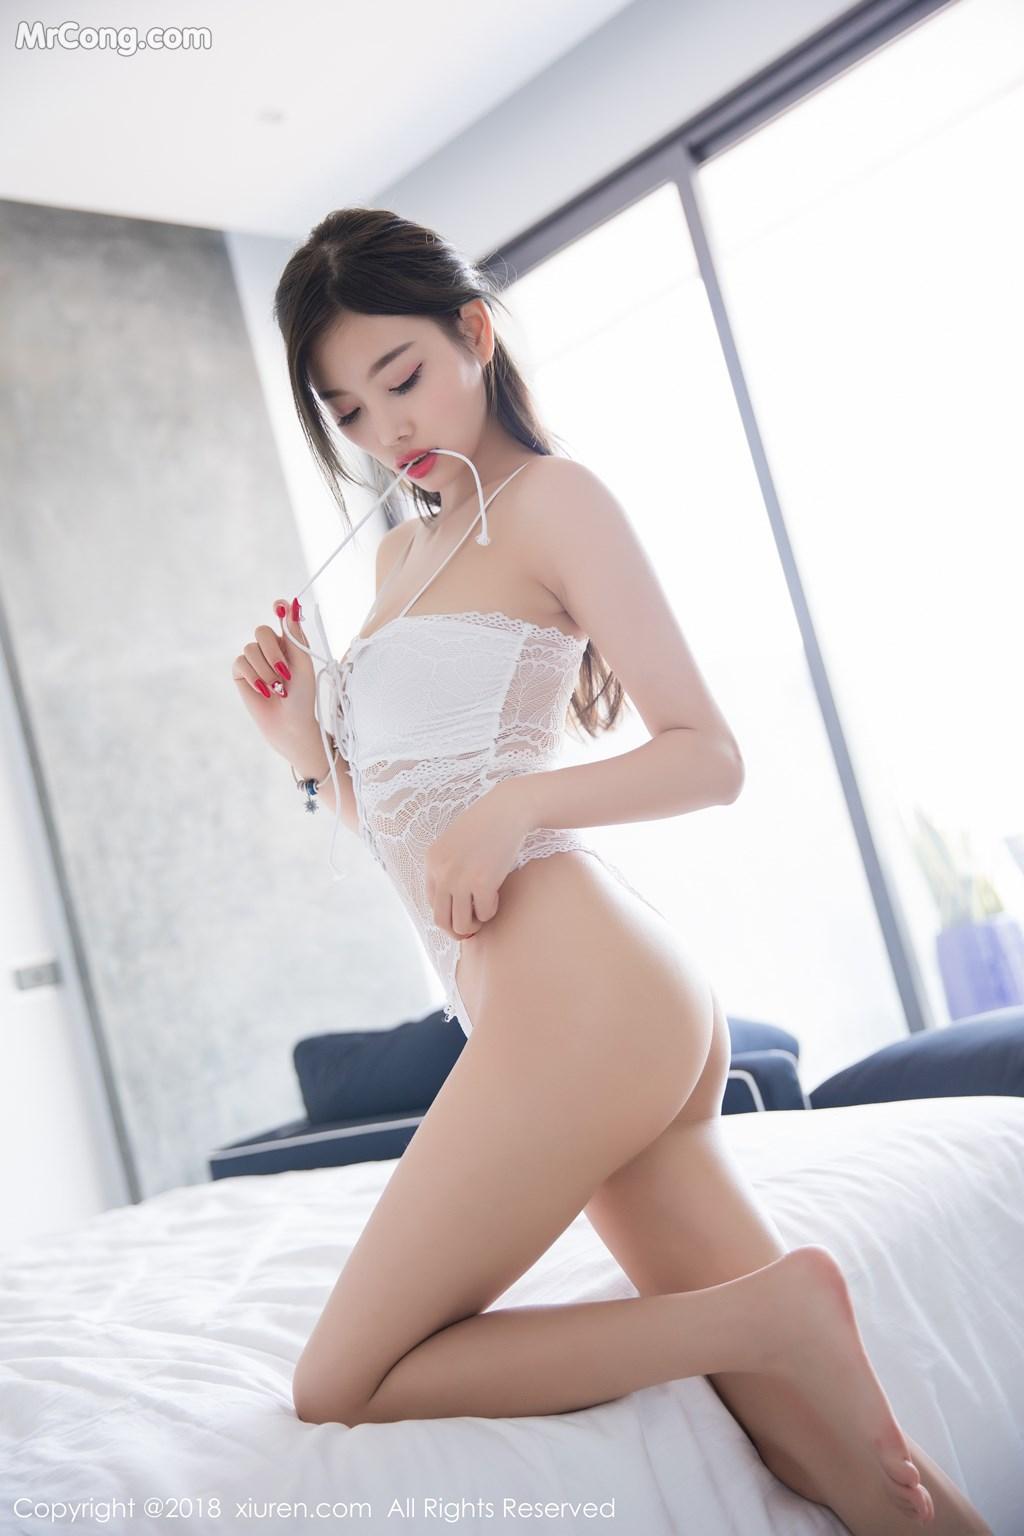 XIUREN-No.1134-Yang-Chen-Chen-sugar-MrCong.com-031.jpg?w=955&ssl=1